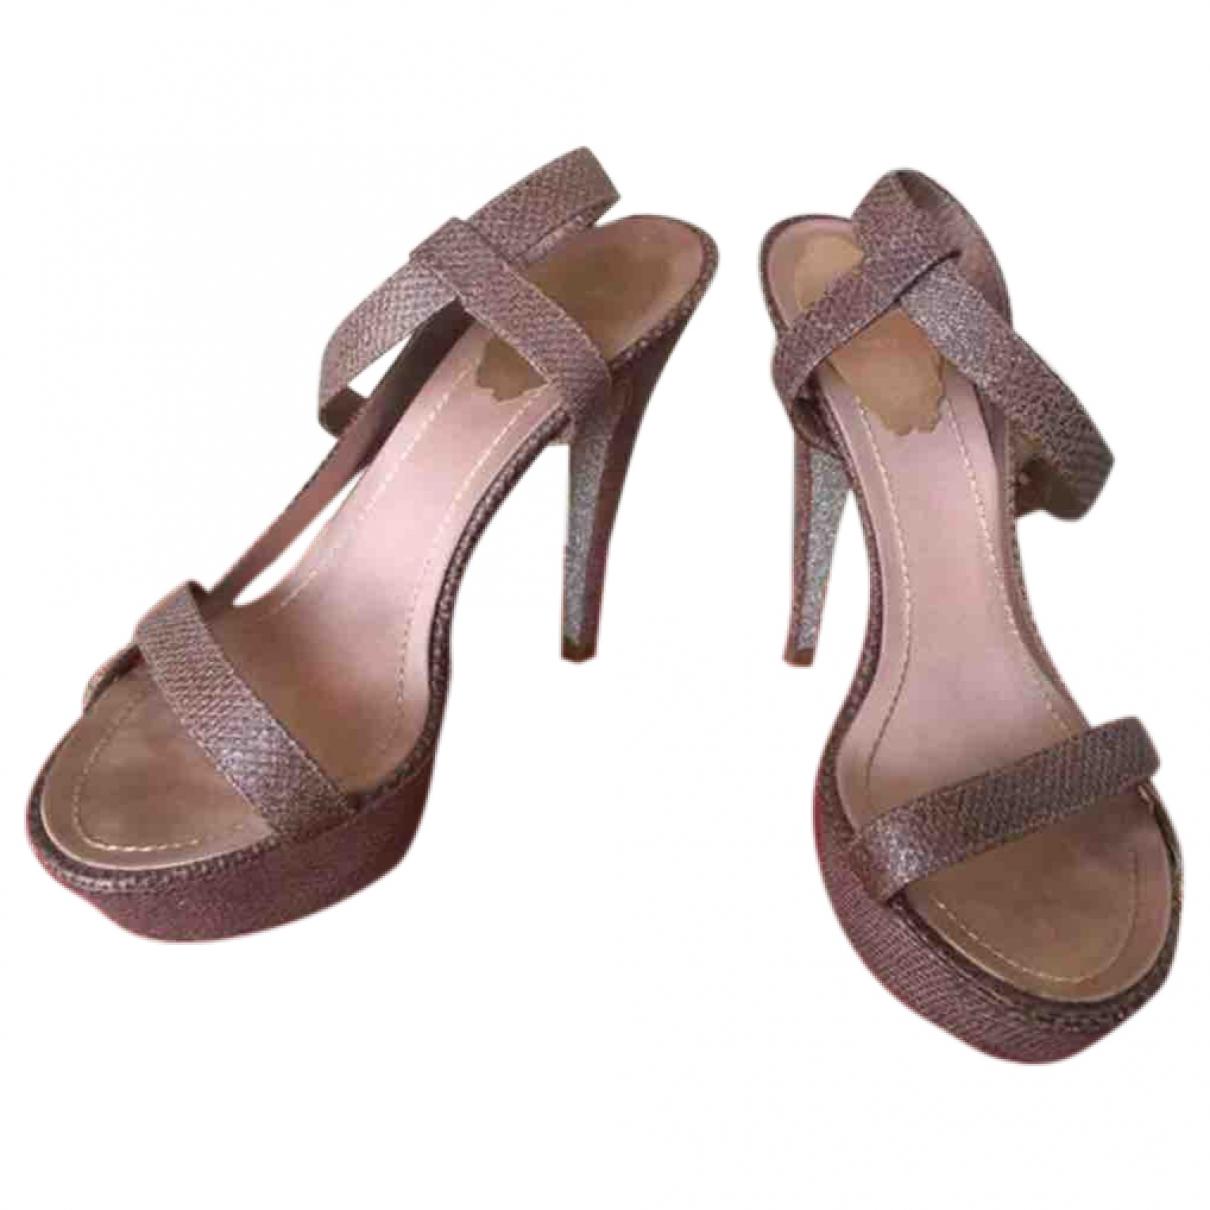 Sandalias de Cuero Rene Caovilla